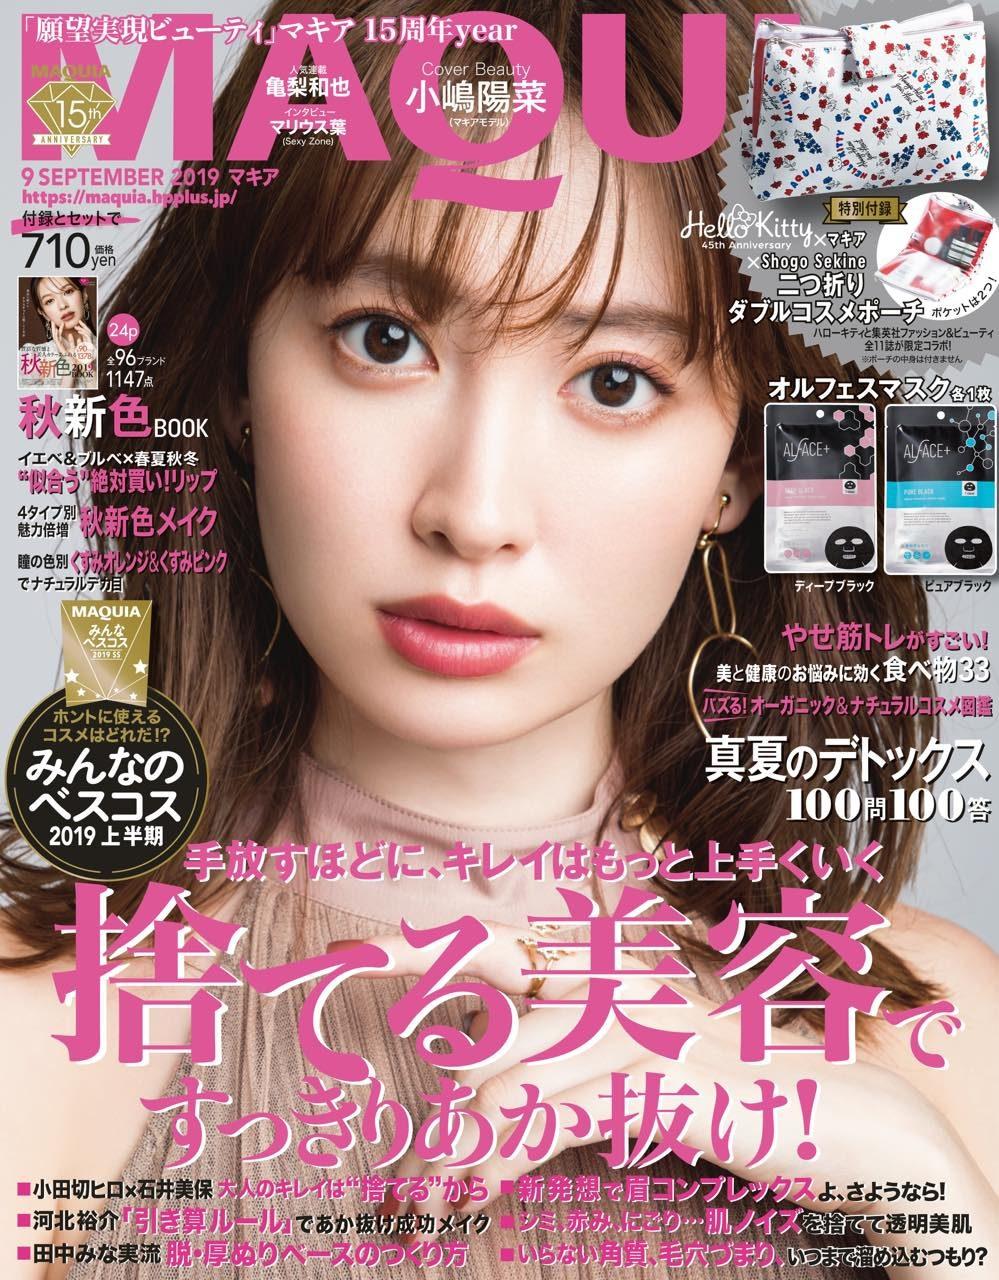 小嶋陽菜、表紙掲載! 「MAQUIA 2019年9月号」7/22発売!